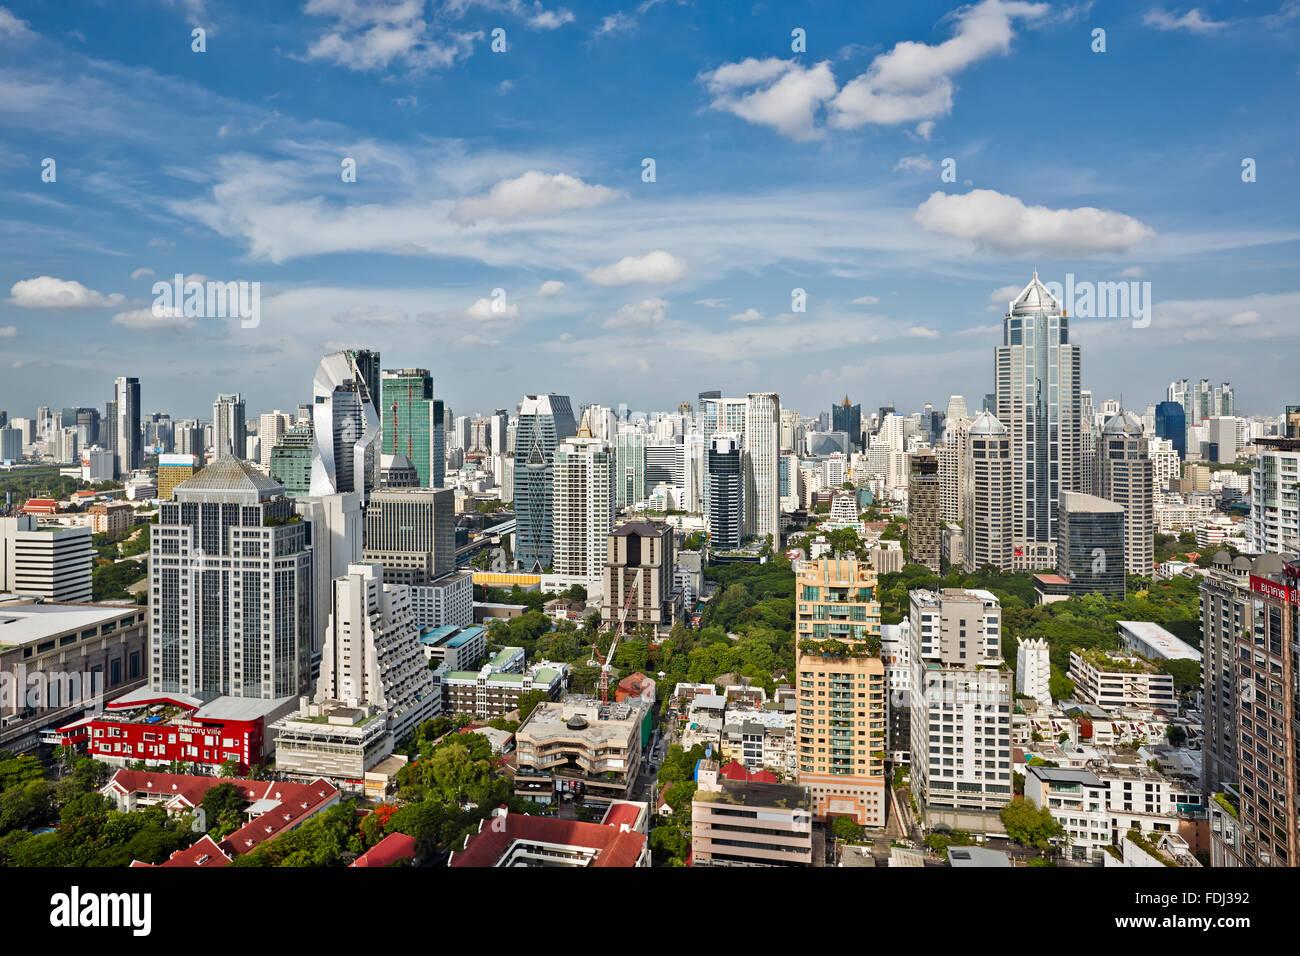 Ansicht von modernen Hochhäusern in der zentralen Teil von Bangkok, Thailand. Stockbild